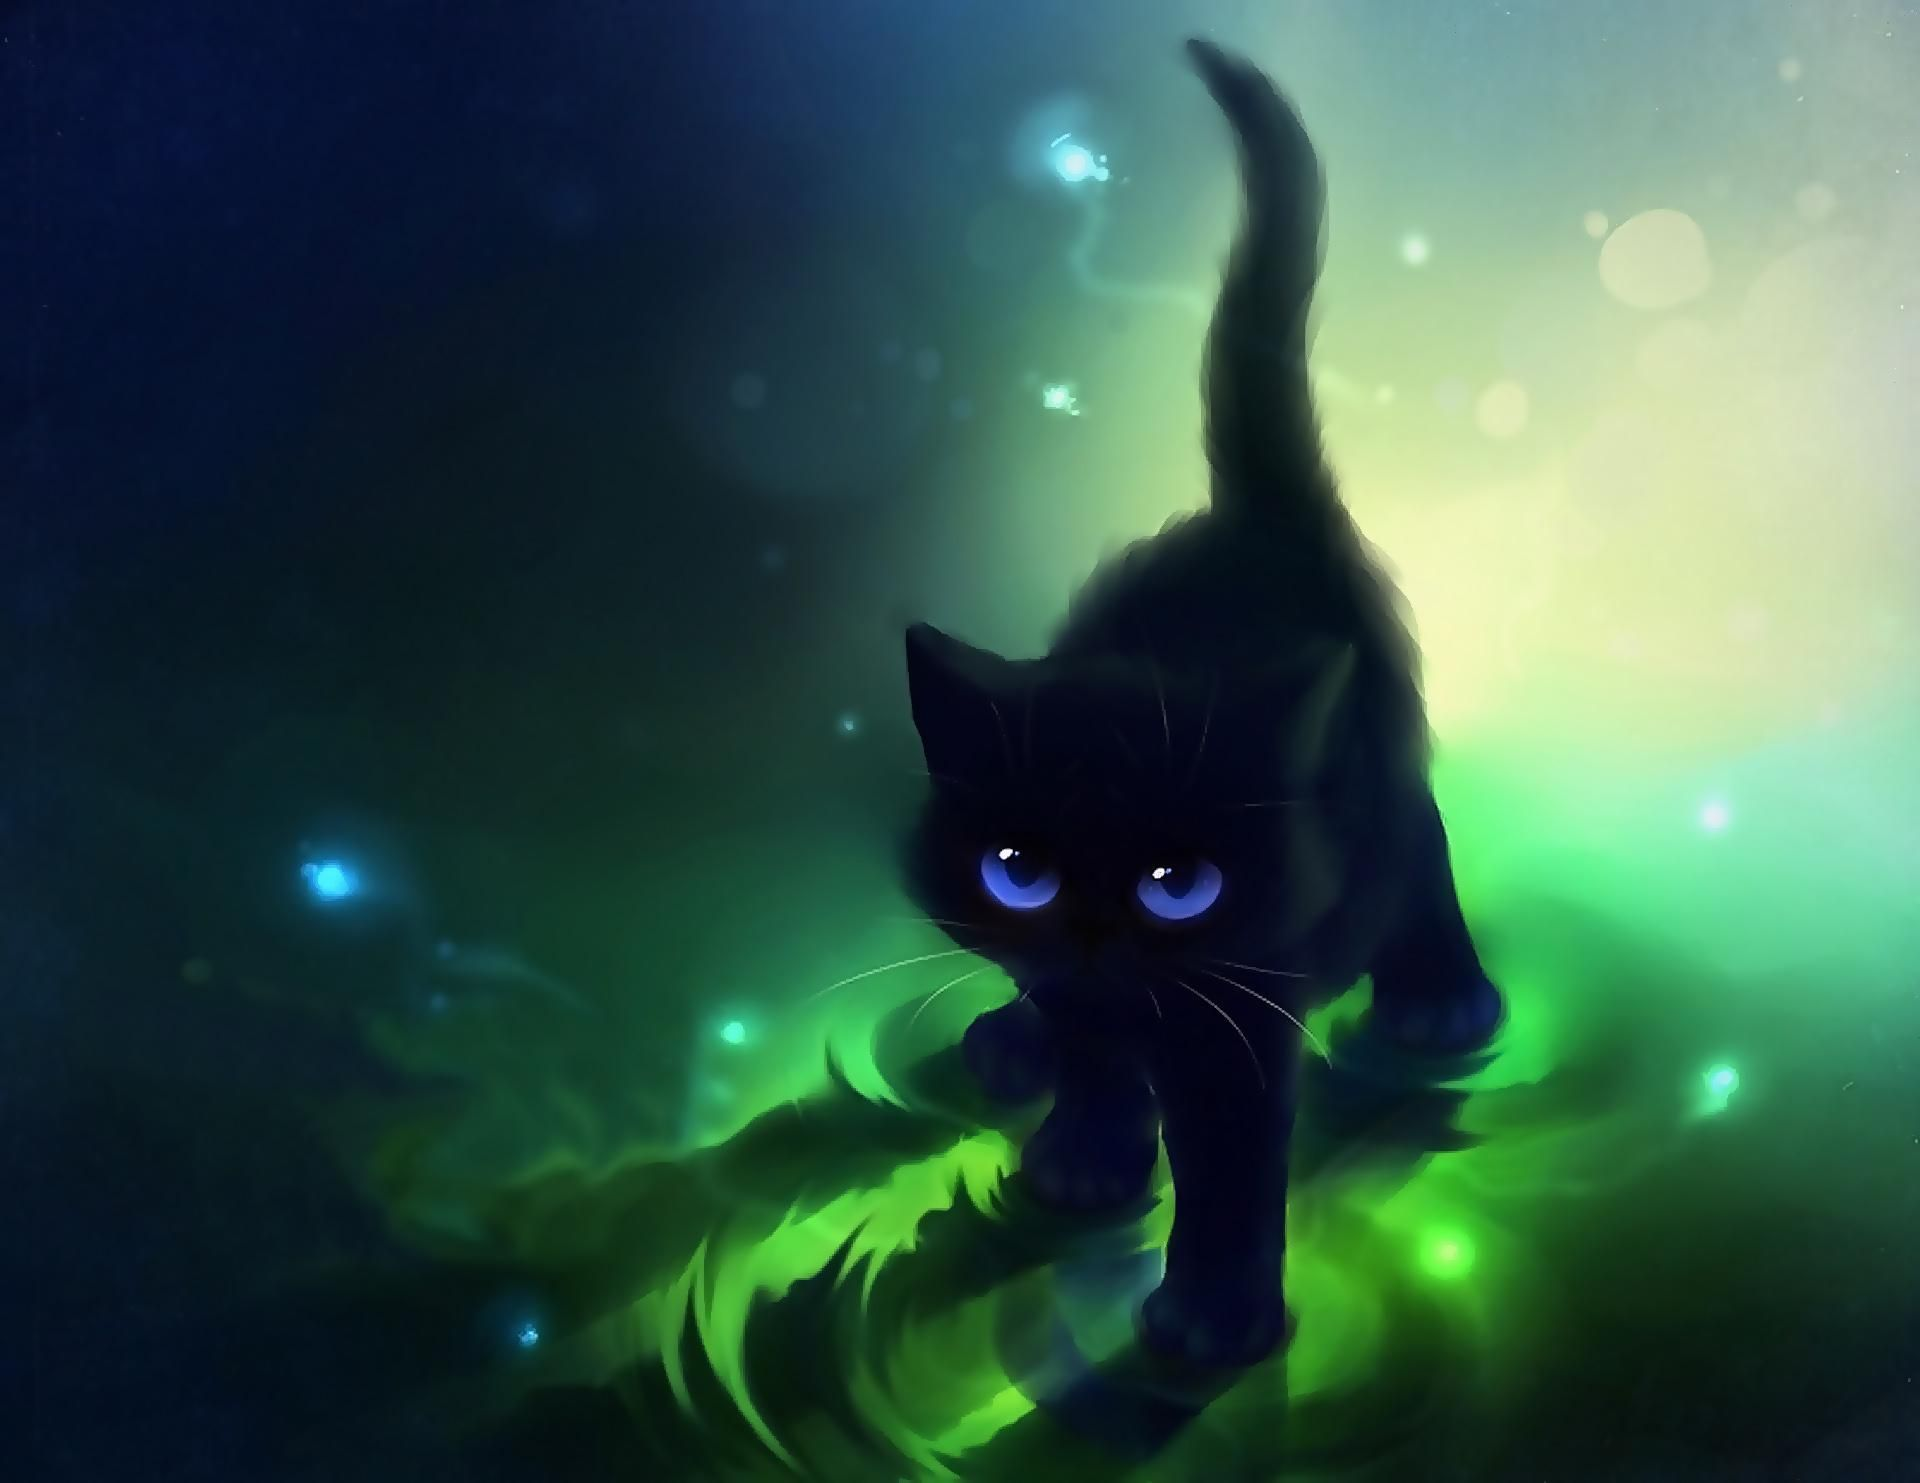 Cute Anime Cat Wallpaper In 2020 Cute Anime Cat Cute Cat